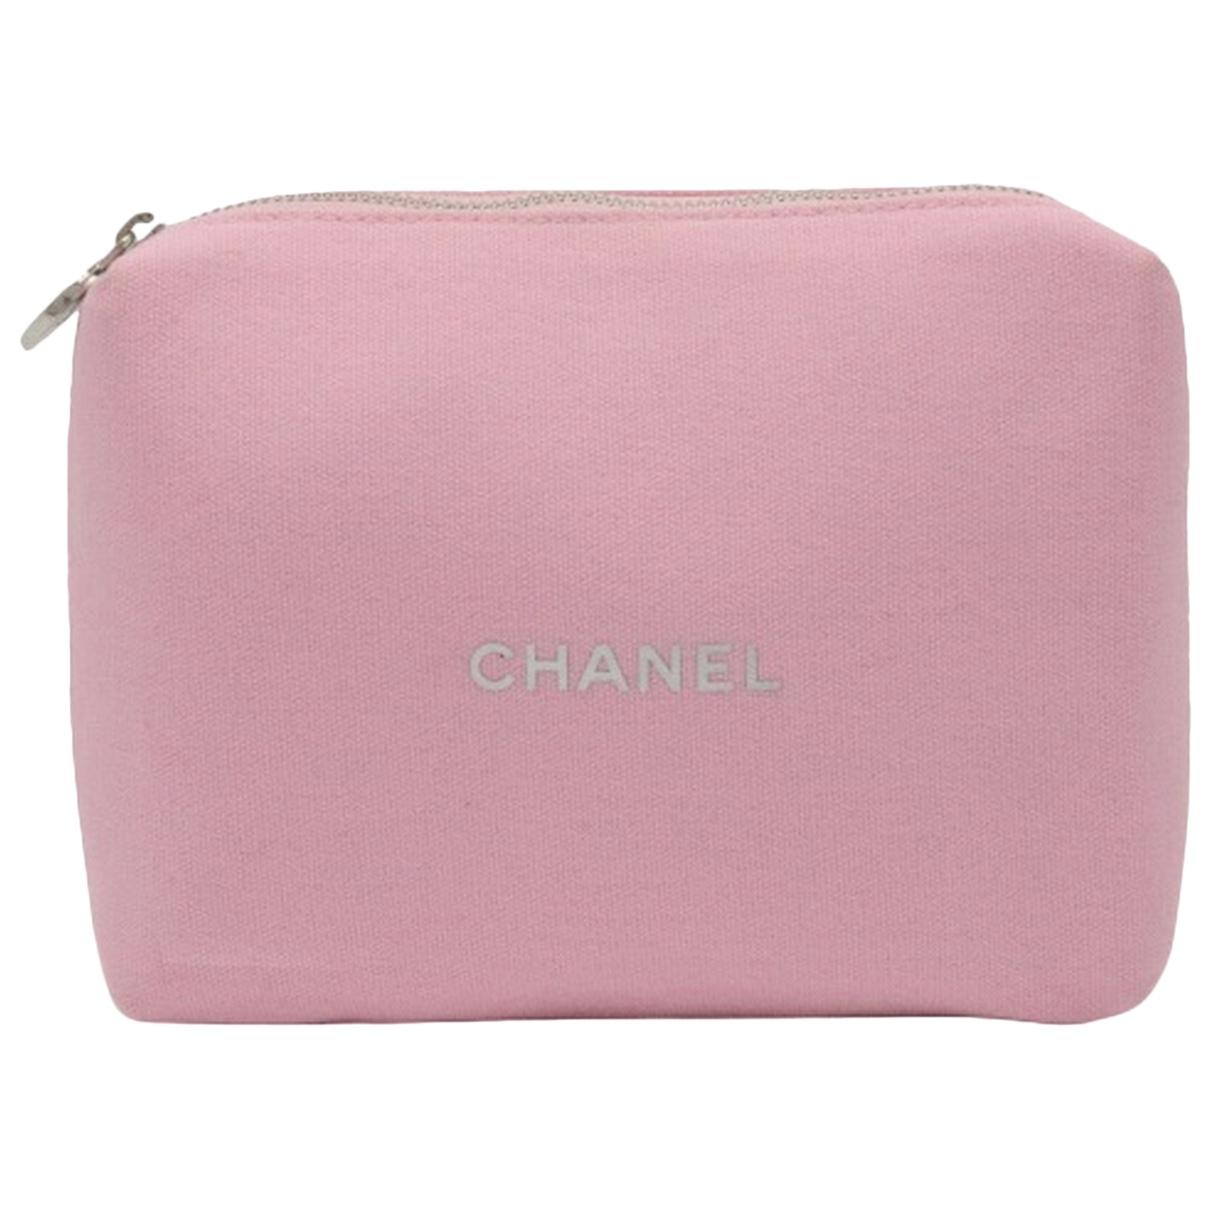 Chanel - Sac de voyage   pour femme en coton - rose